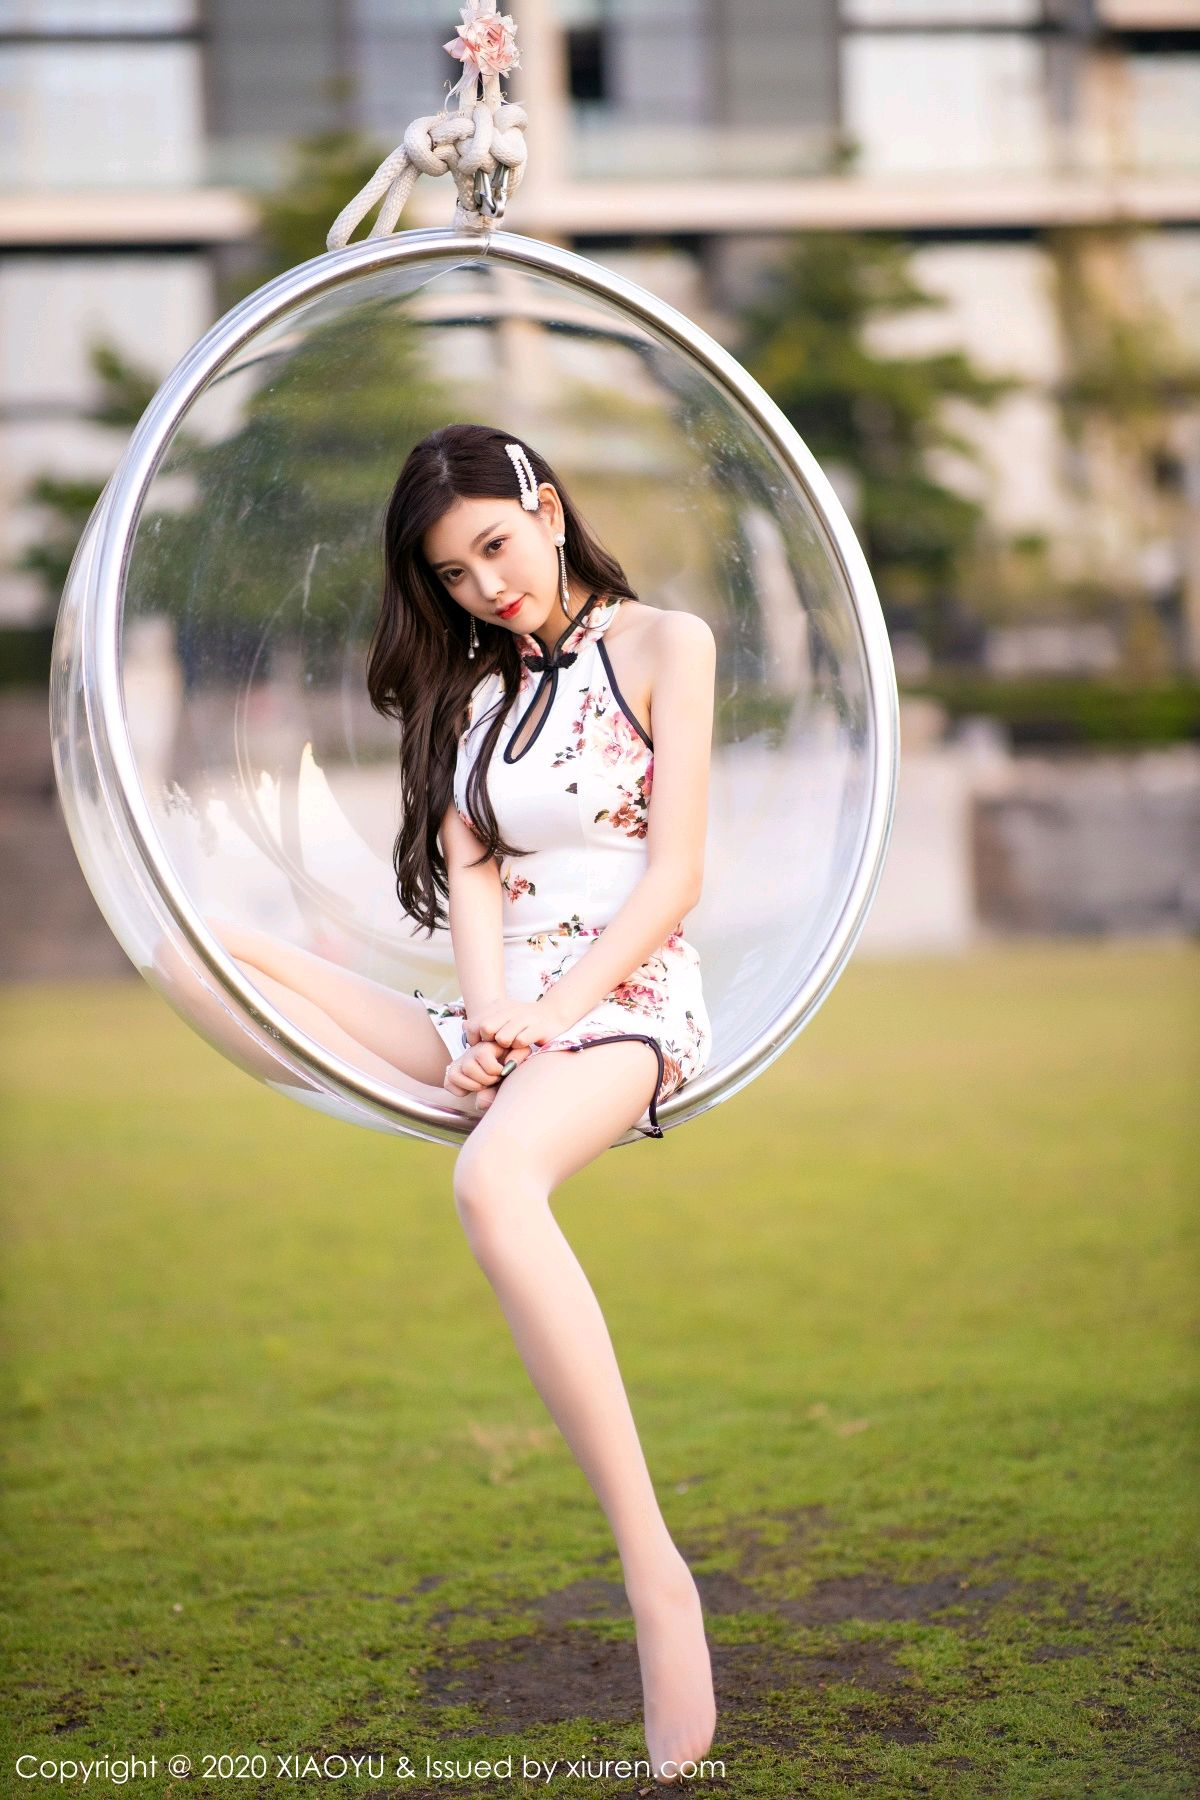 [XiaoYu] Vol.233 Yang Chen Chen 112P, Cheongsam, Foot, XiaoYu, Yang Chen Chen